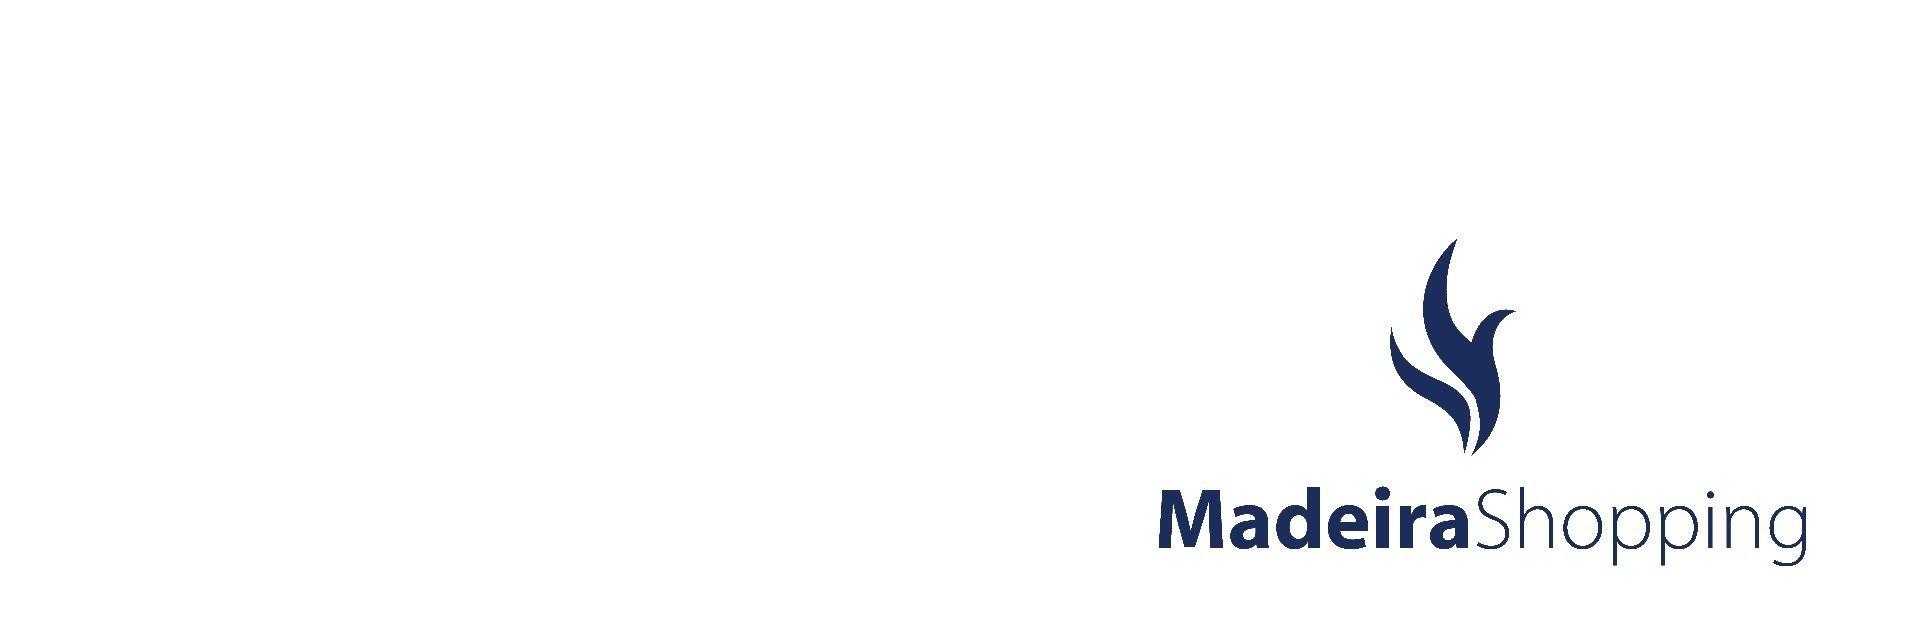 MadeiraShopping lança campanha de apoio à Rede de Emergência Alimentar